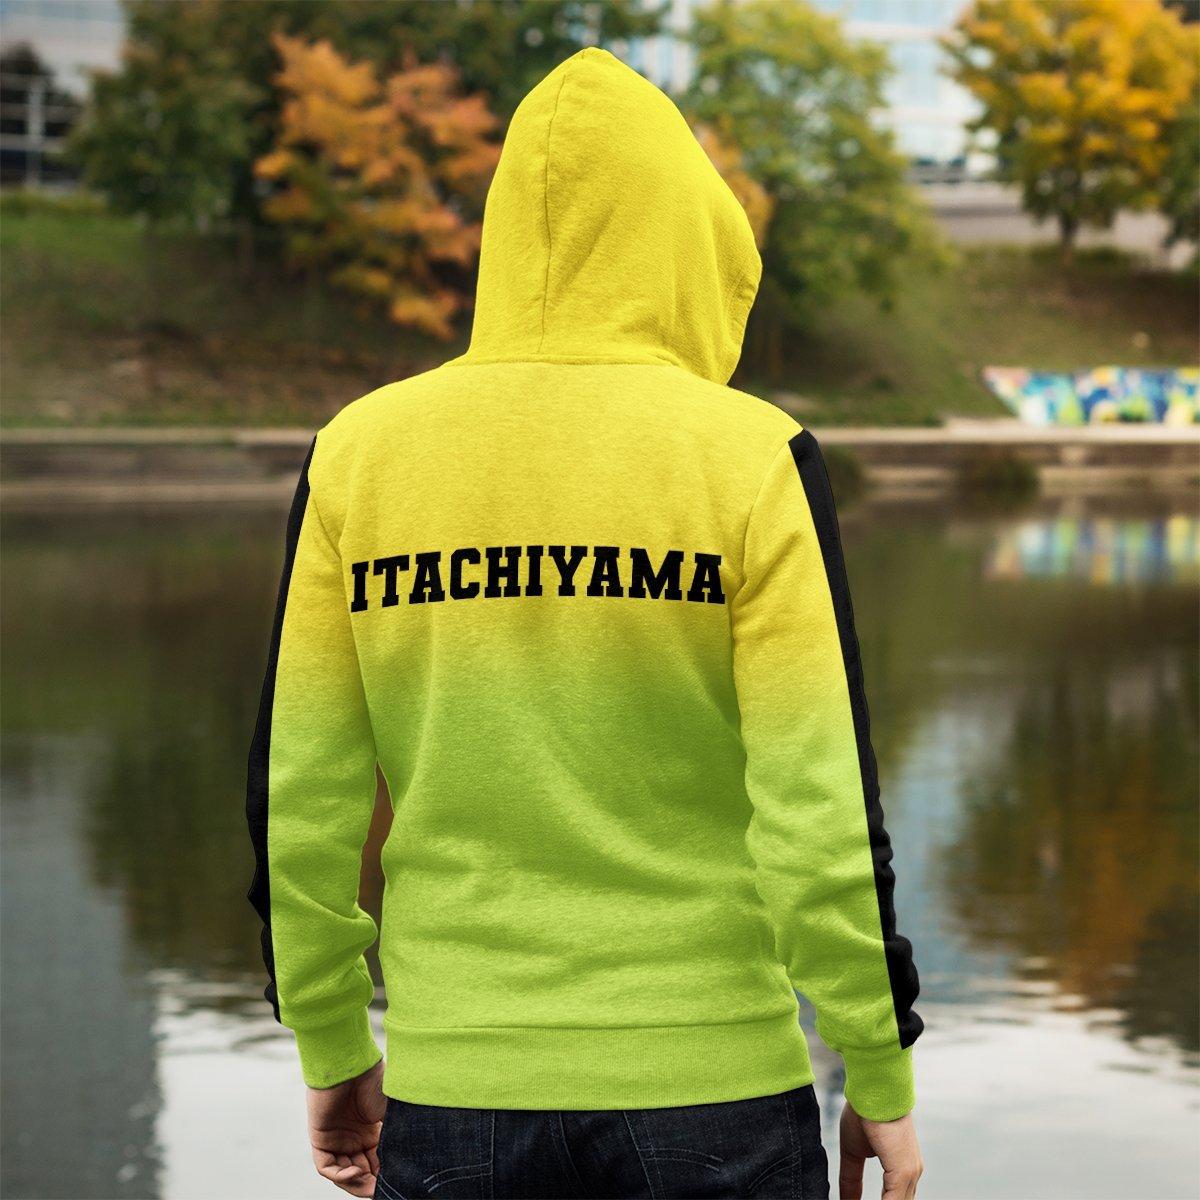 haikyuu itachiyama unisex zipped hoodie 548167 - Otaku Treat